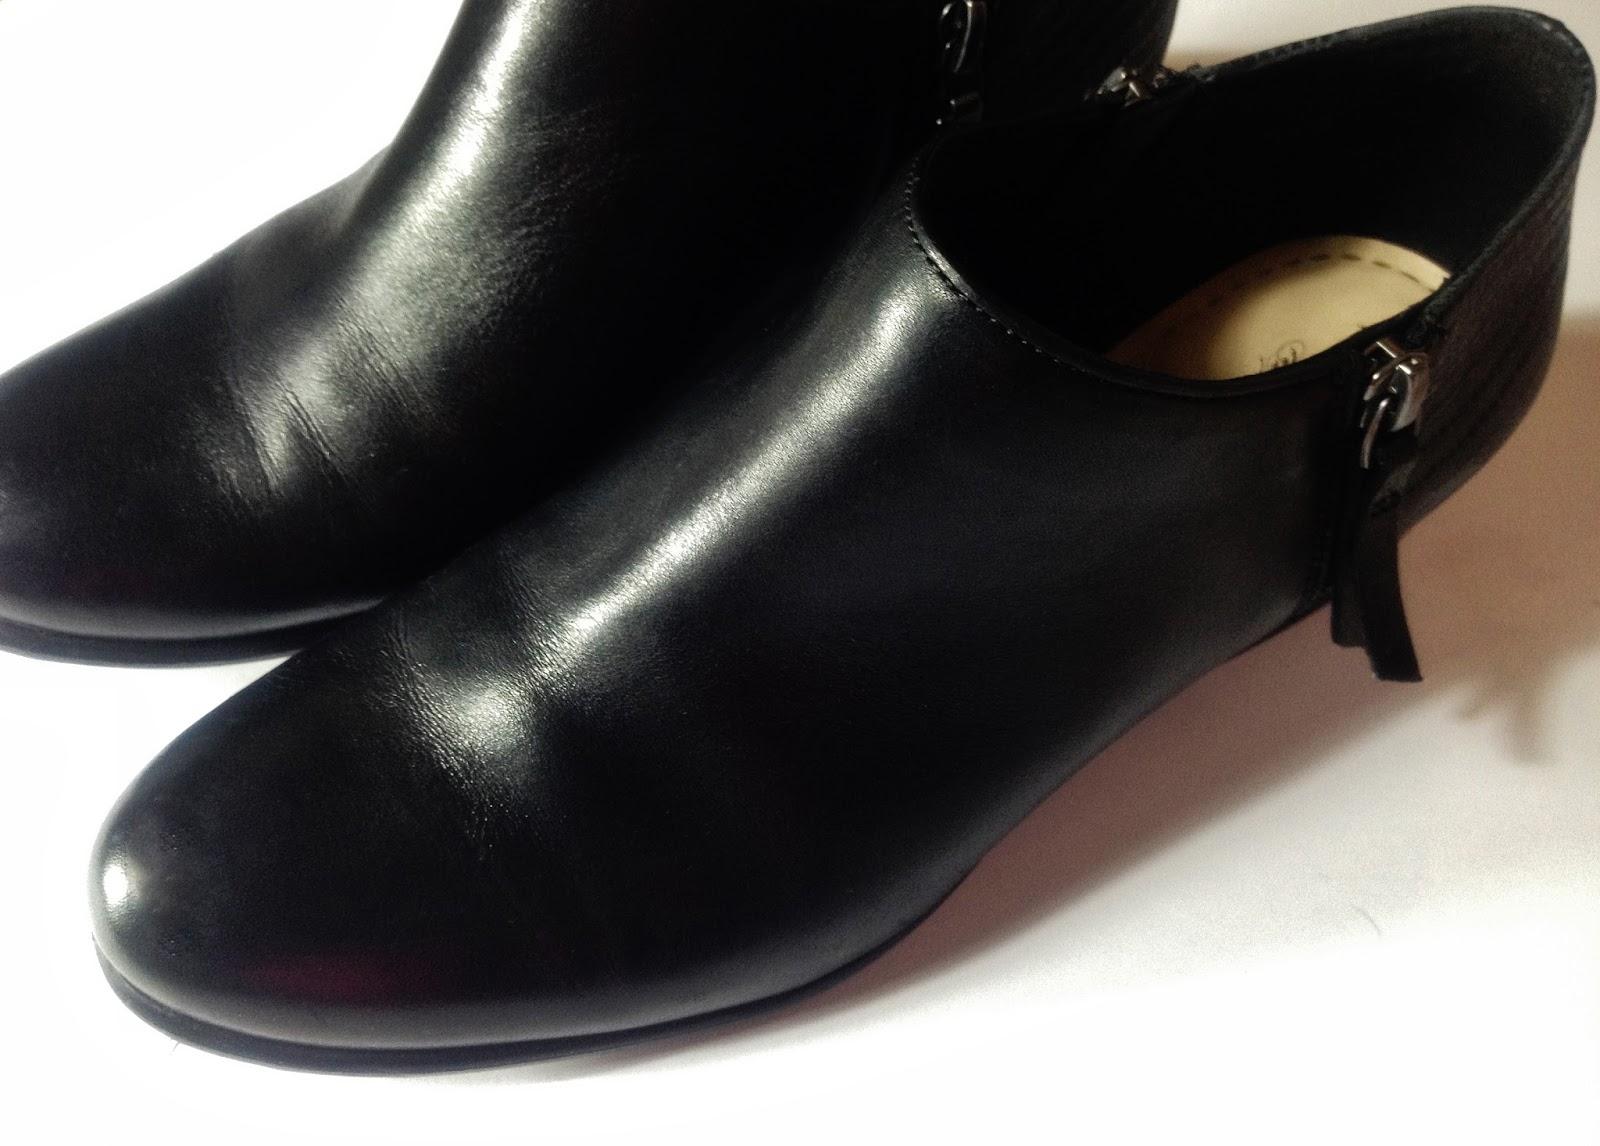 Clarks Smart Shoes